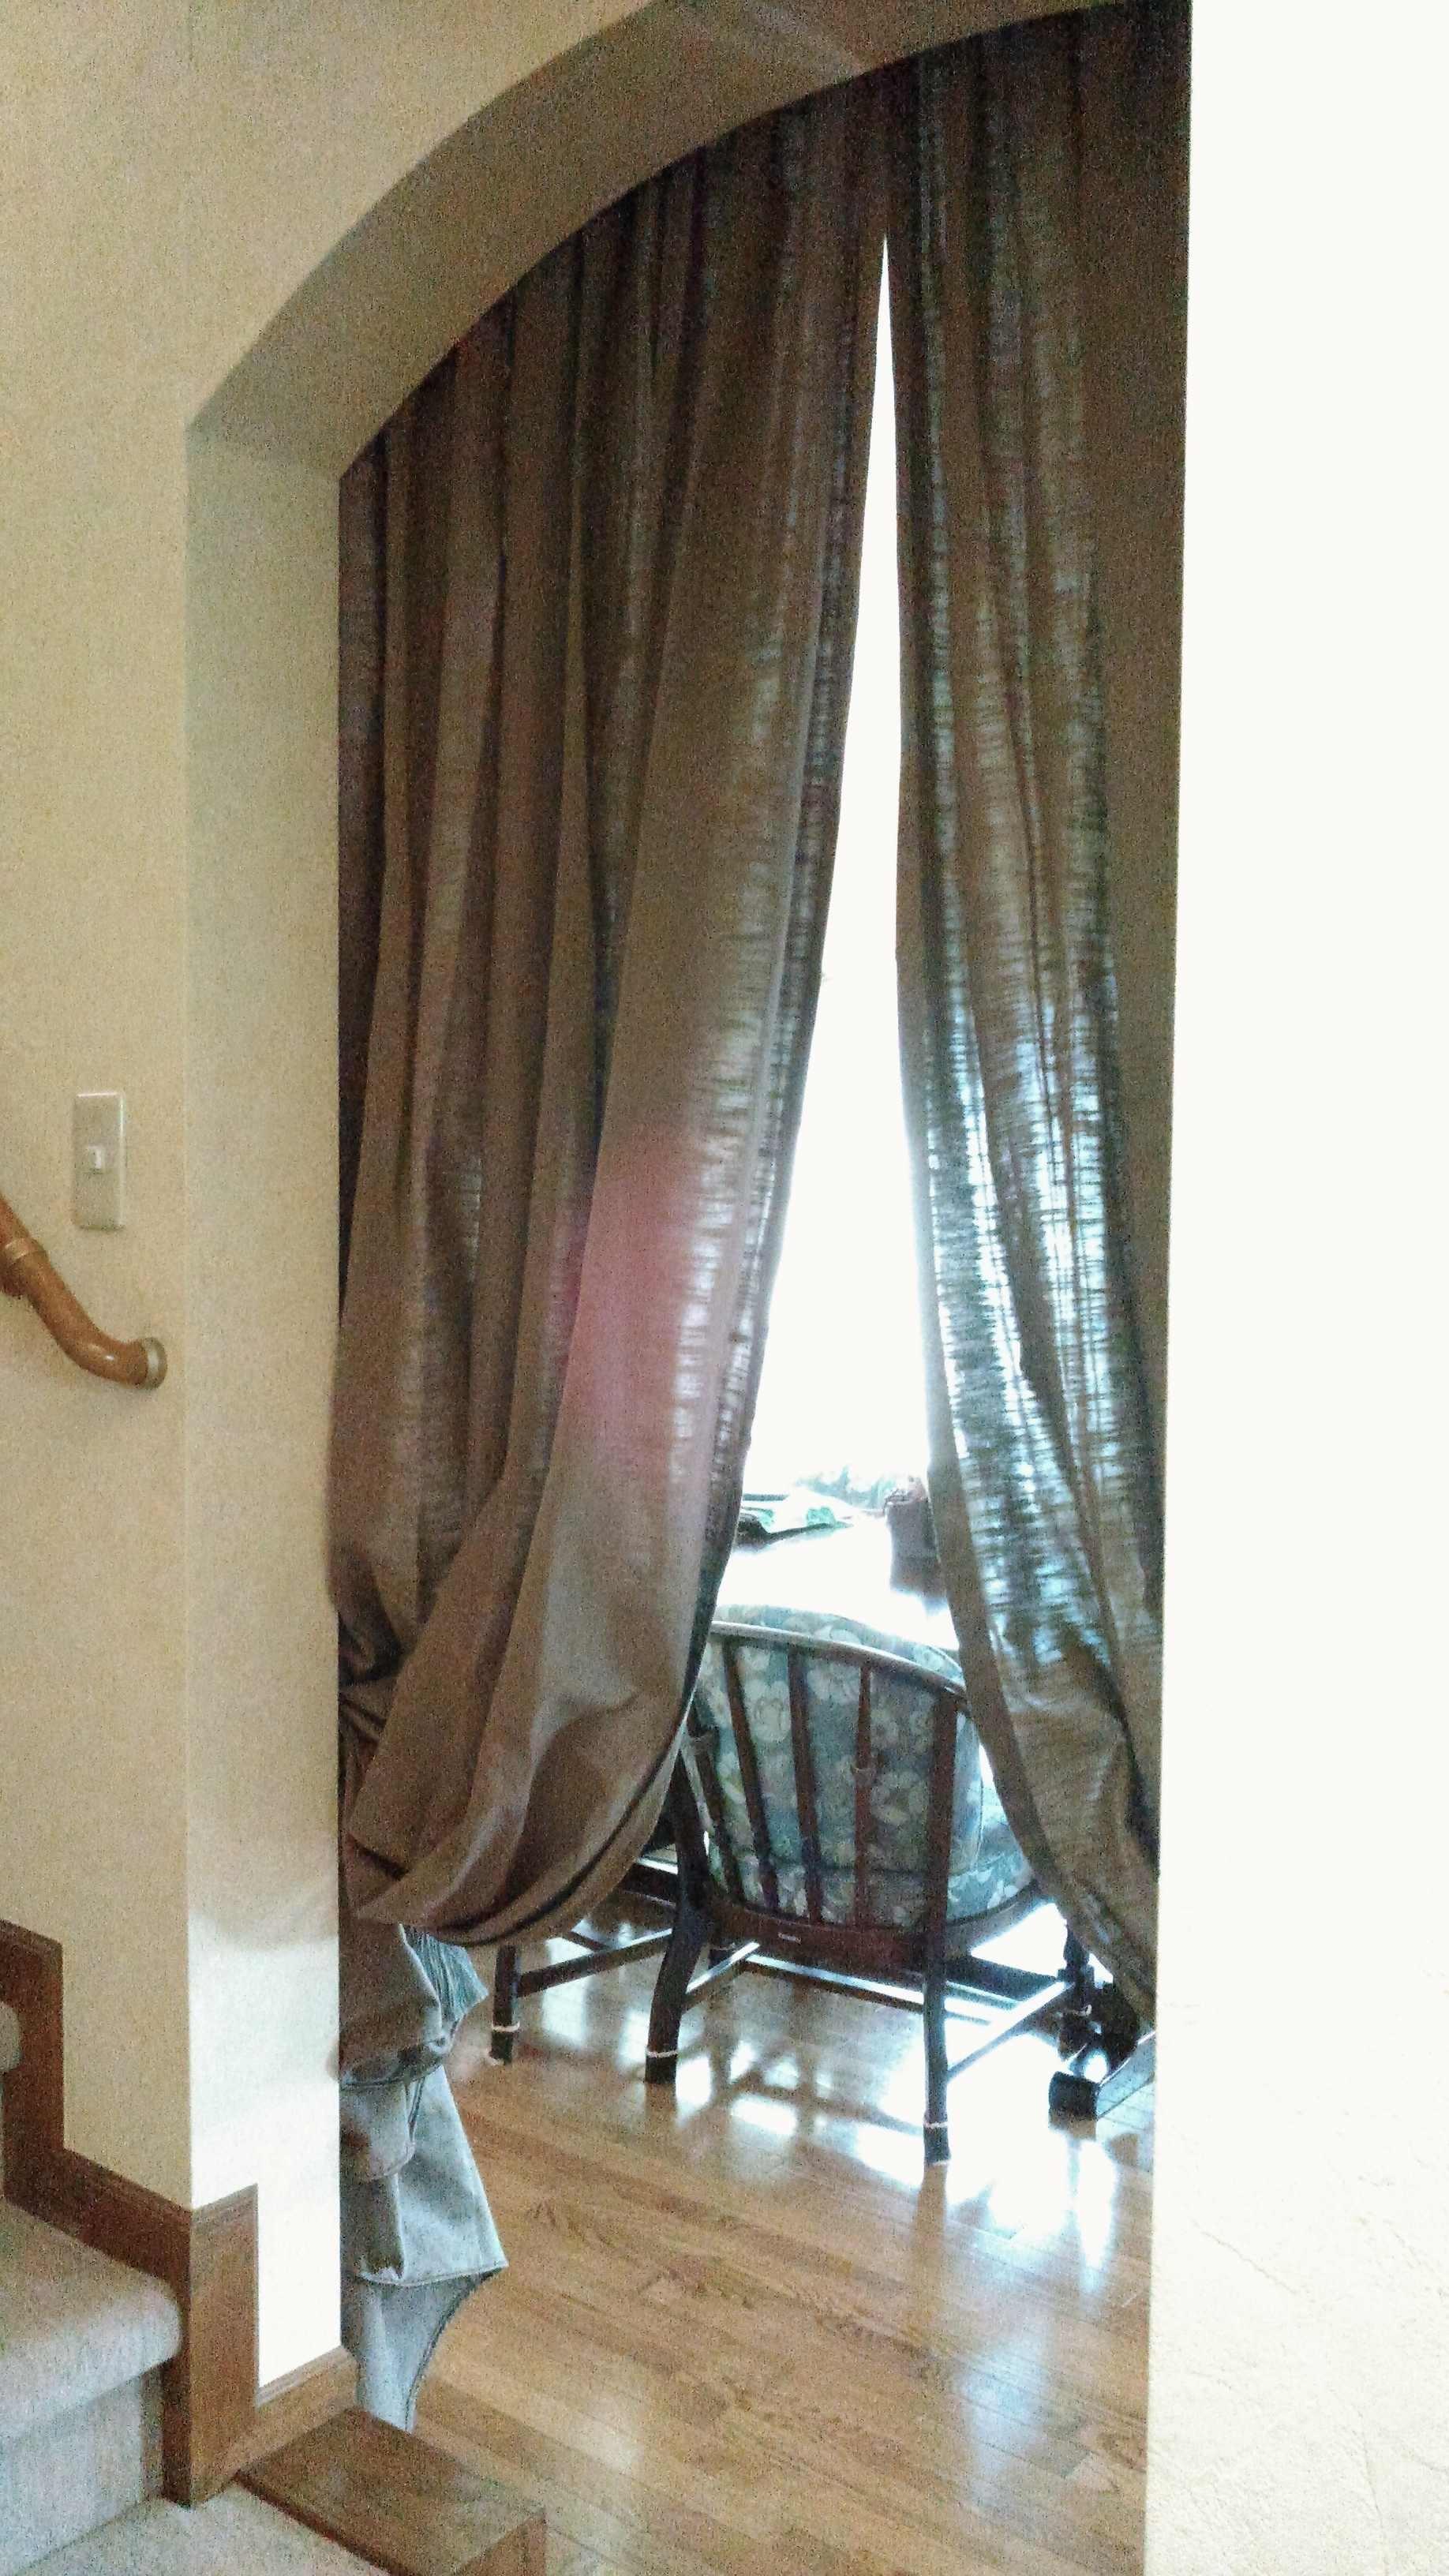 間仕切りカーテン クラーク&クラーク『JAVA』 モリス正規販売店のブライト_c0157866_20431363.jpg